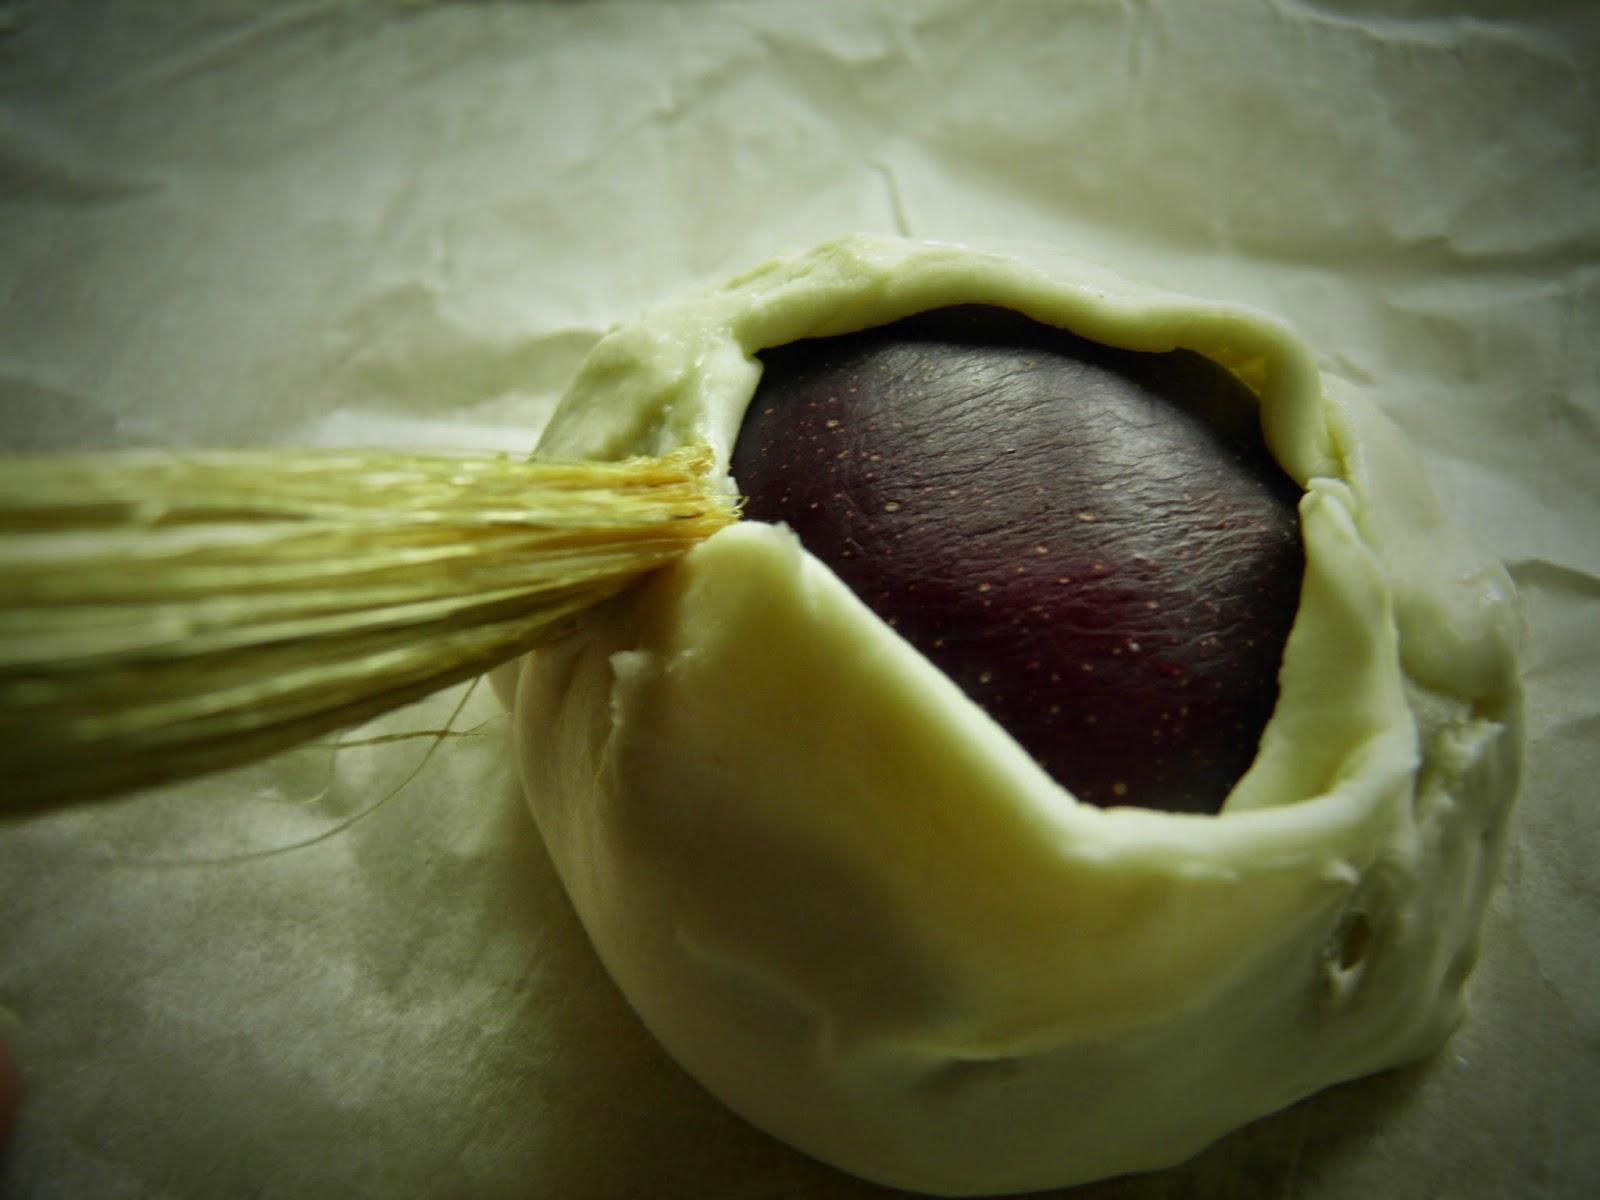 Ciasteczka ze śliwką i cynamonem - przygotowanie 2